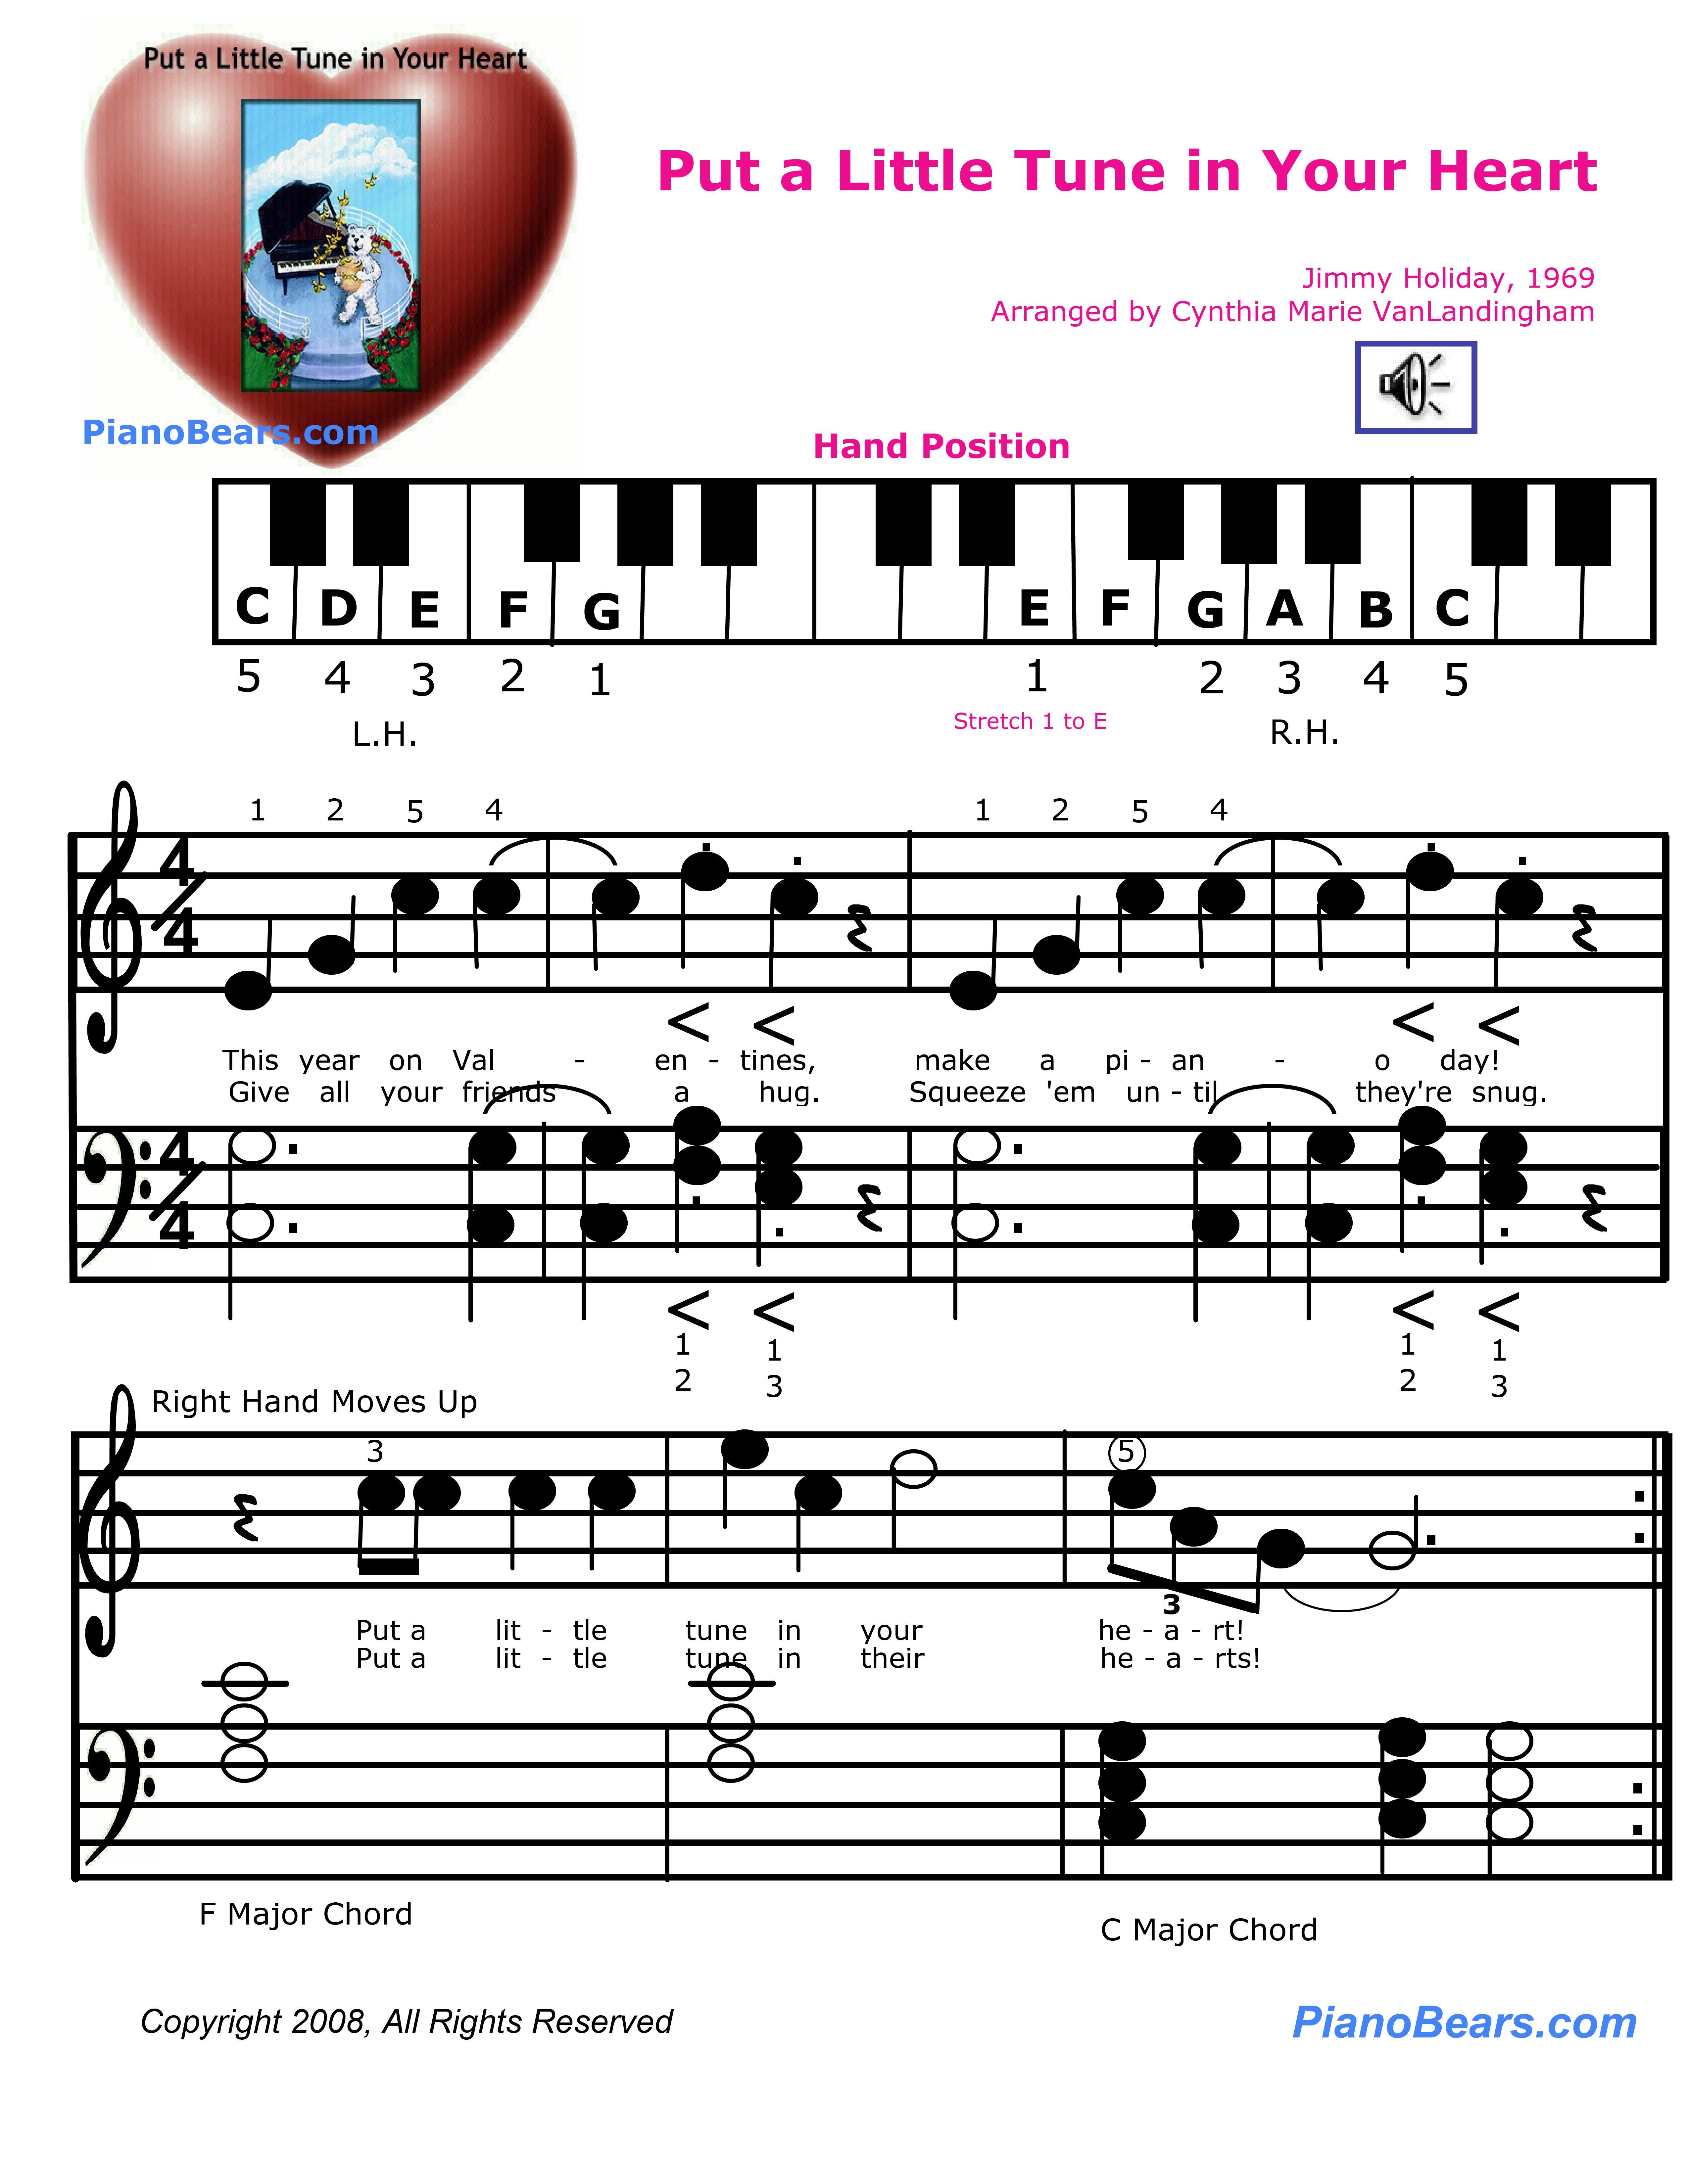 Piano matters newsletter putalittletuneinyourheart0001 hexwebz Images